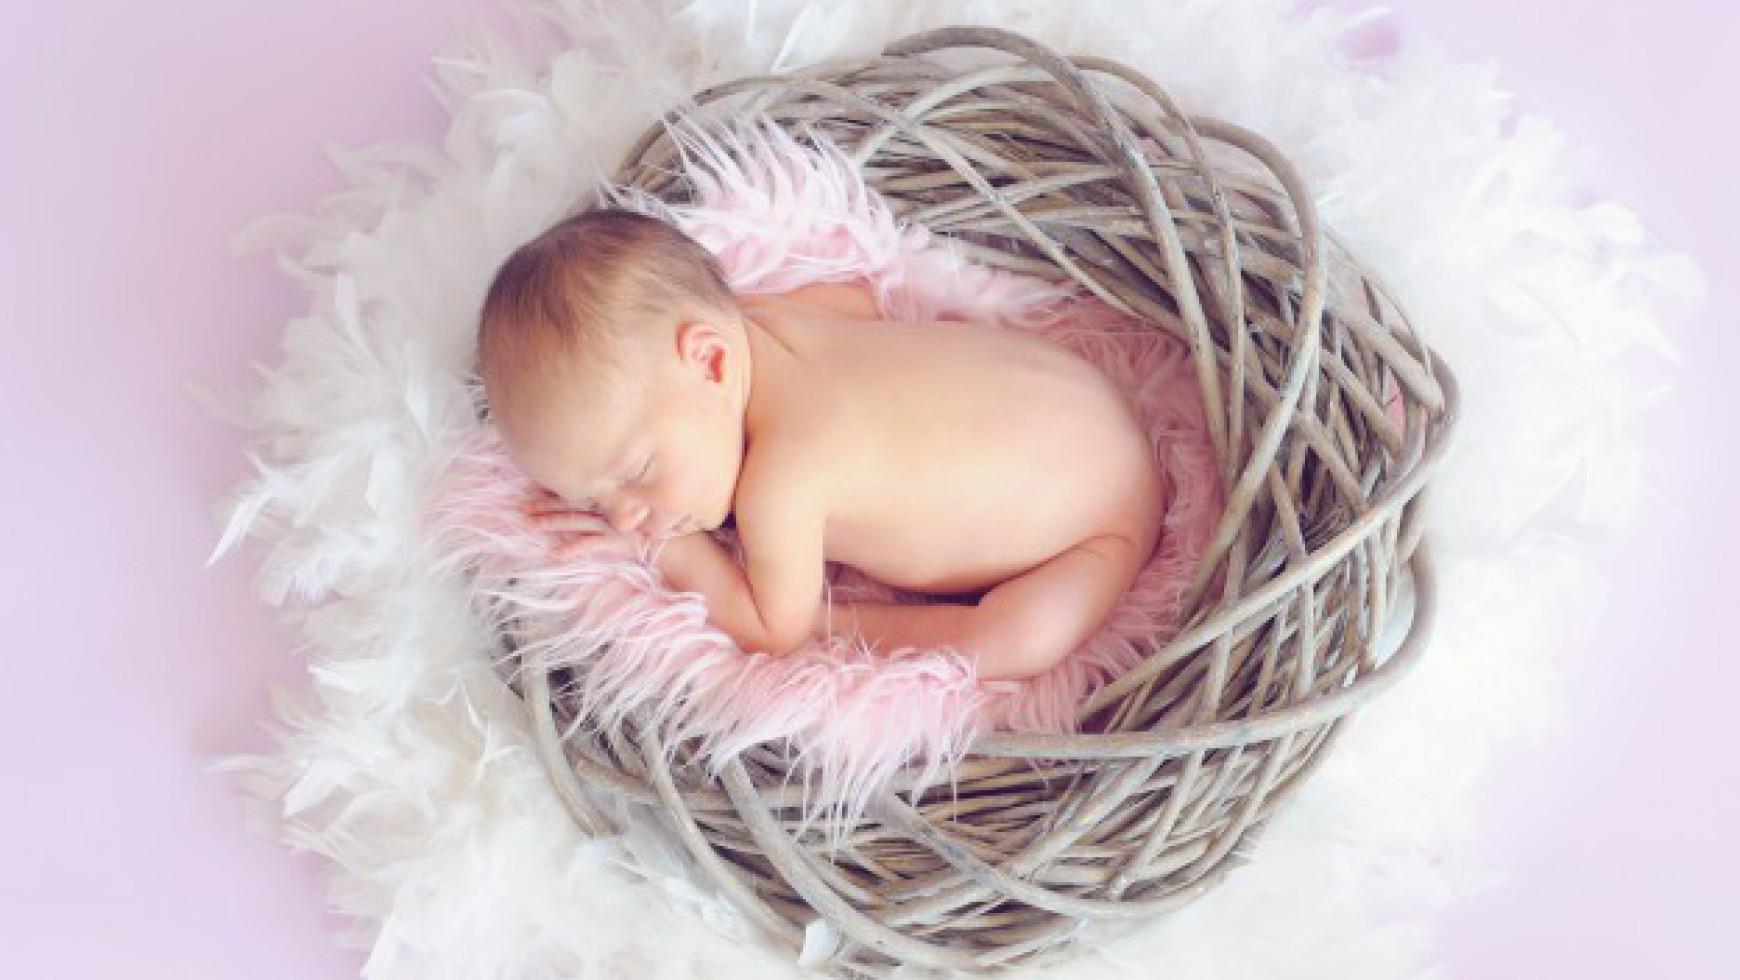 Toallitas dermo-suavizantes para la piel del bebé